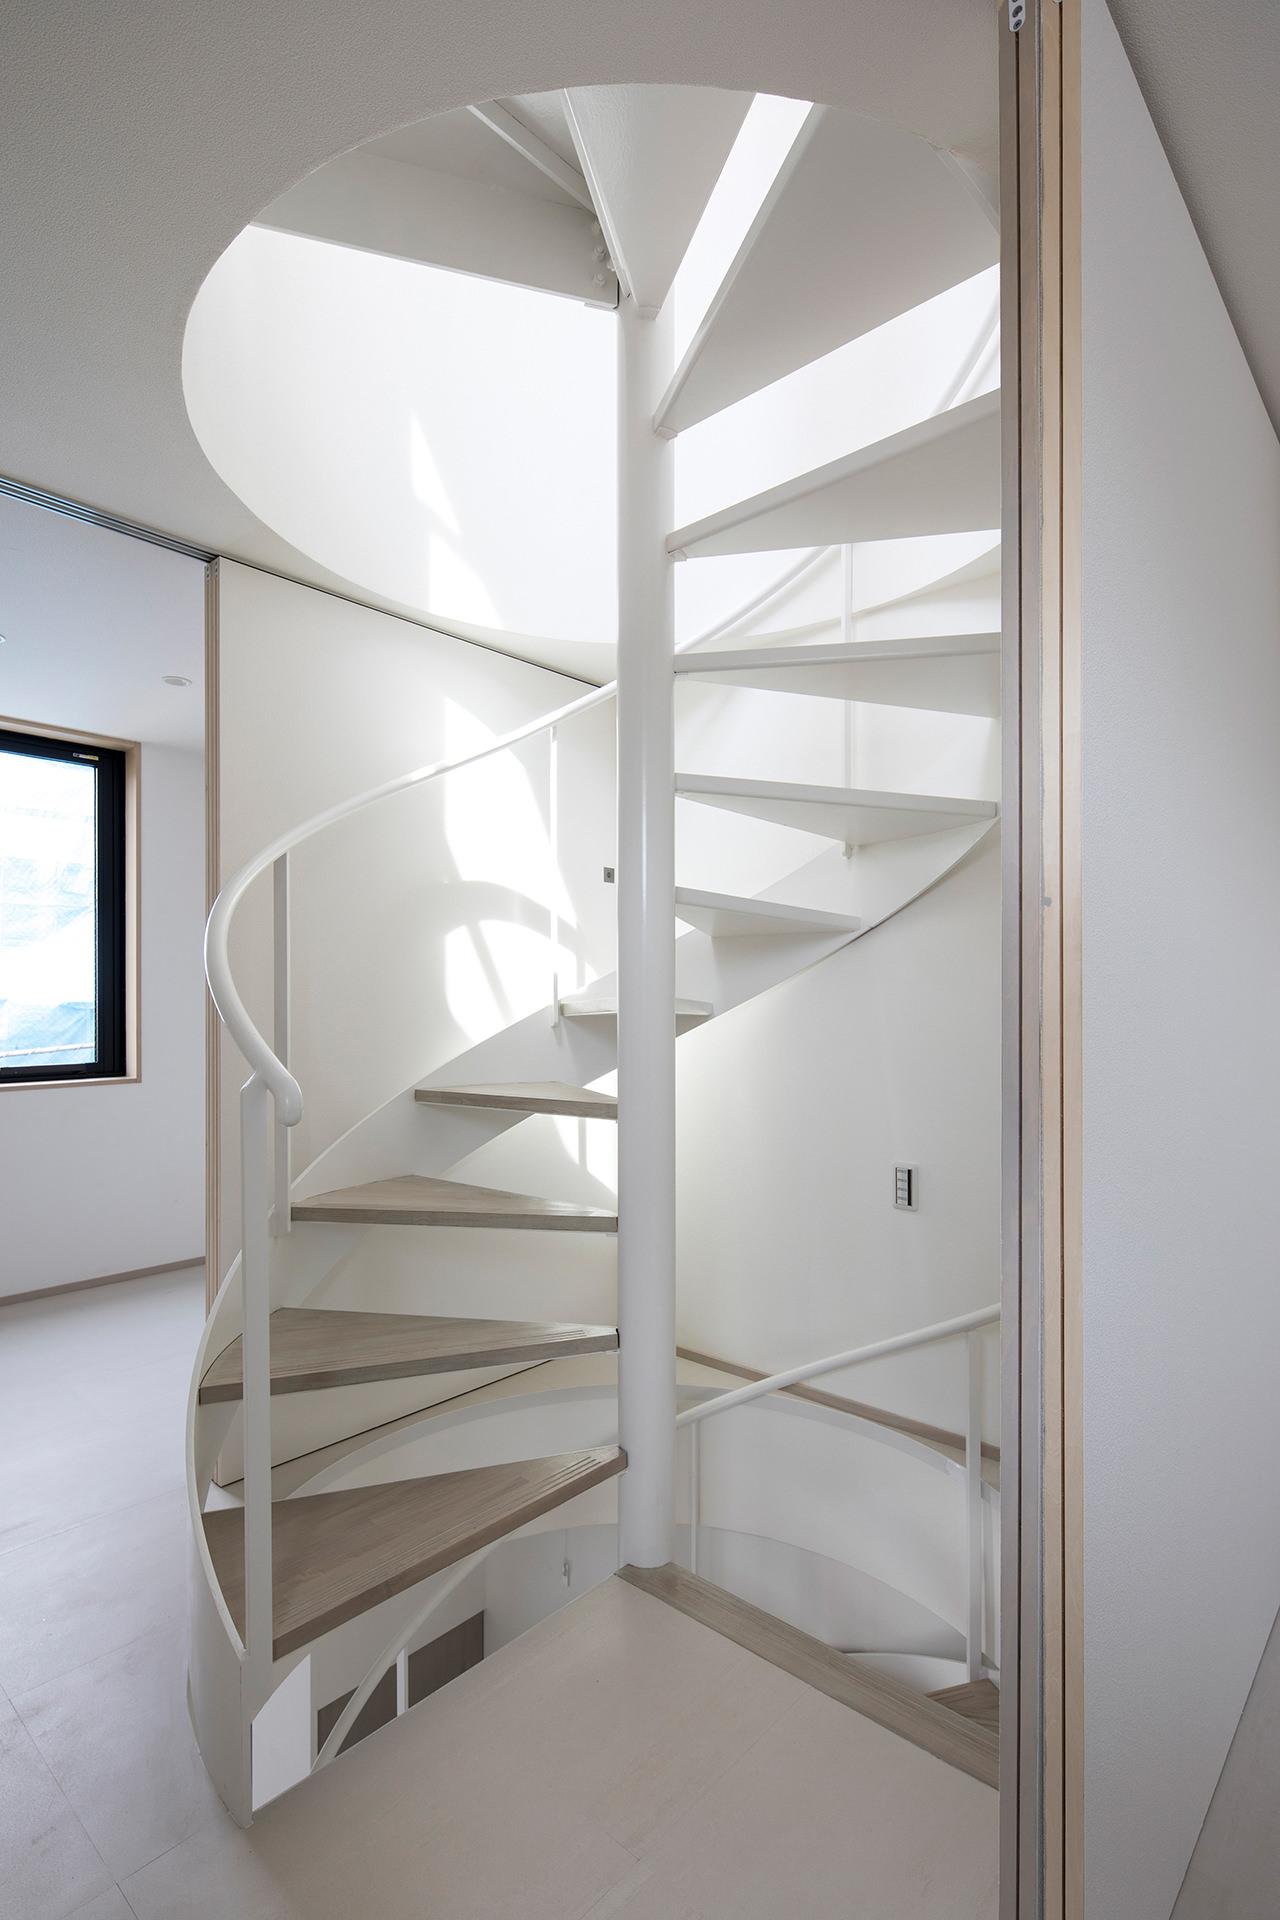 「6坪の家」 イメージ8 撮影:東涌写真事務所・東涌宏和